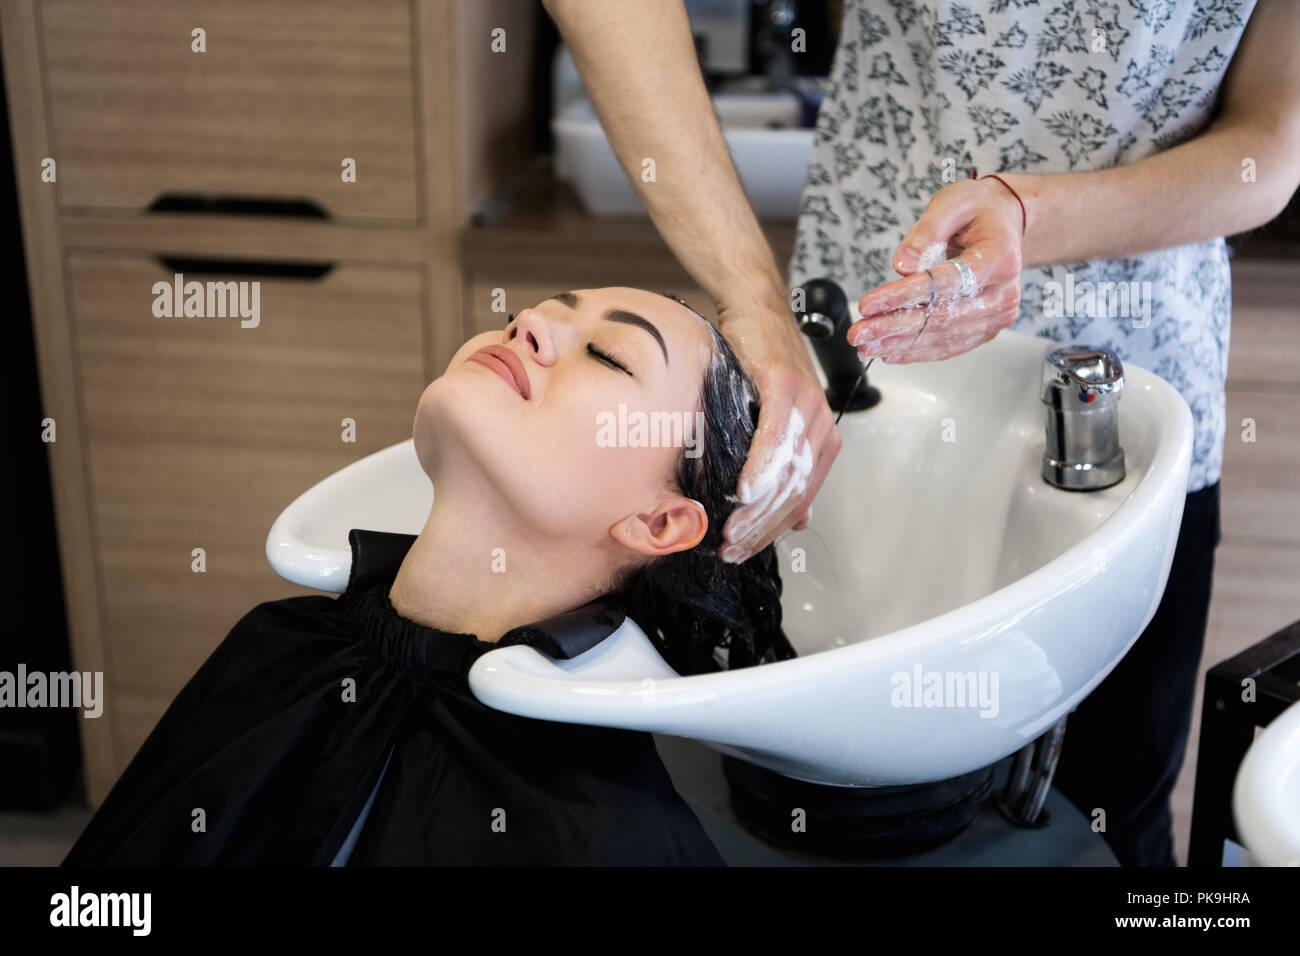 Friseur. Schöne brünette Frau während der Haare waschen Stockbild